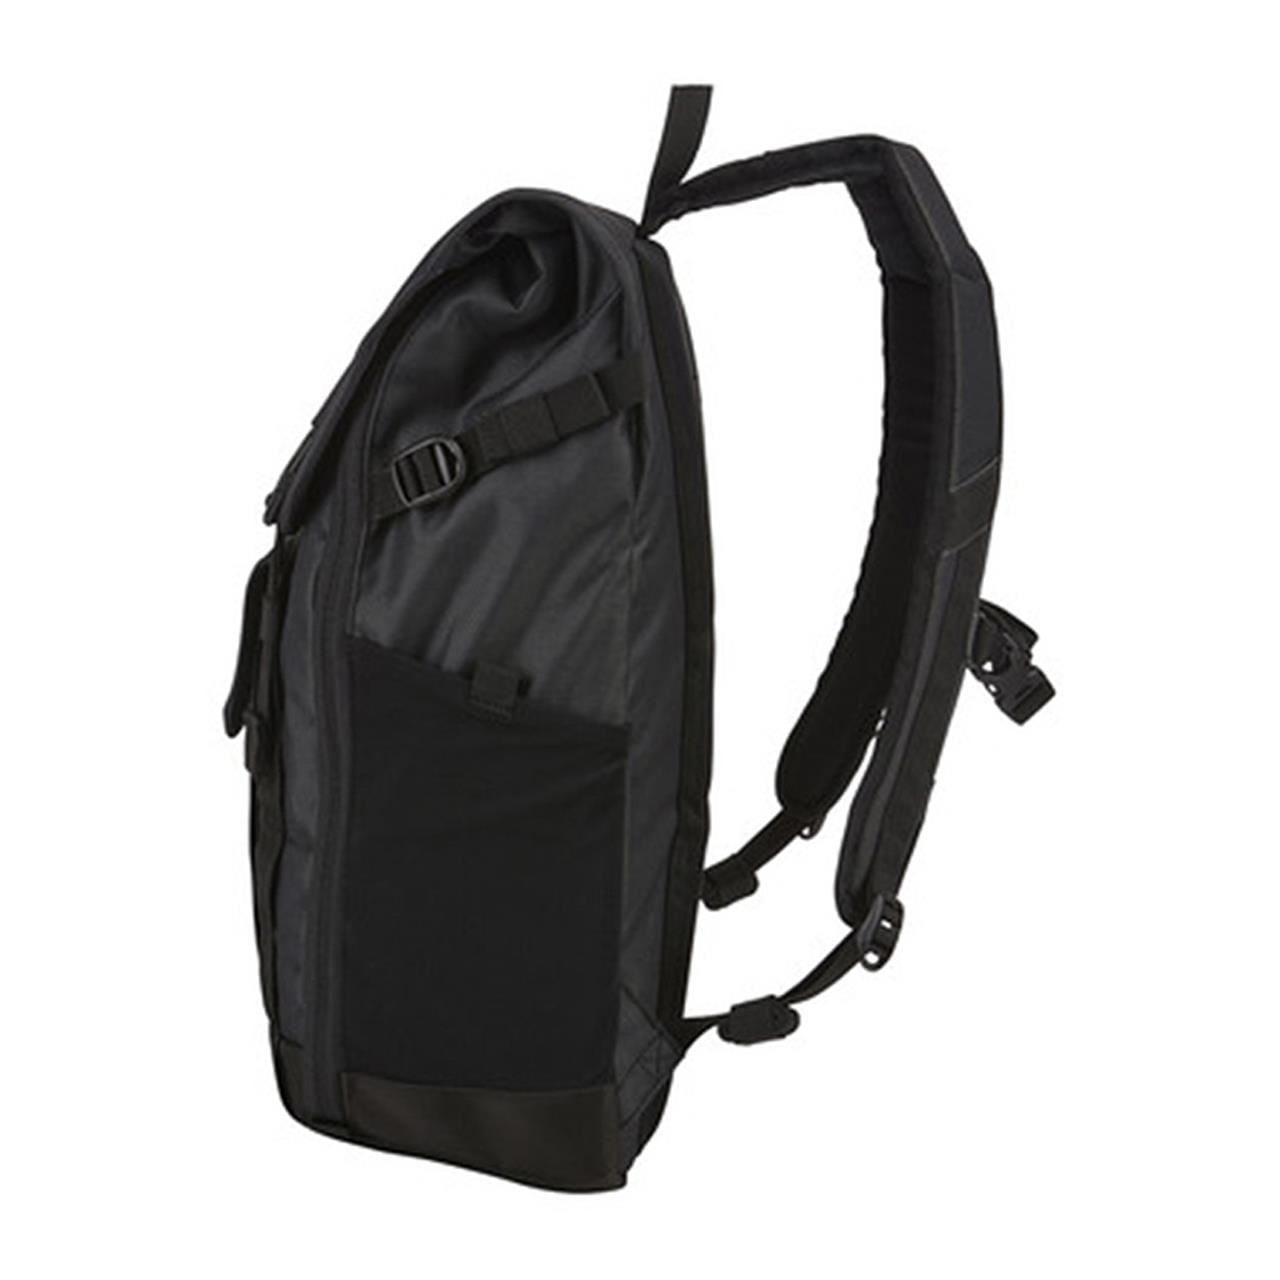 Rucsac urban cu compartiment laptop Thule Subterra Daypack pentru 15 MacBook Pro Dark Grey 11